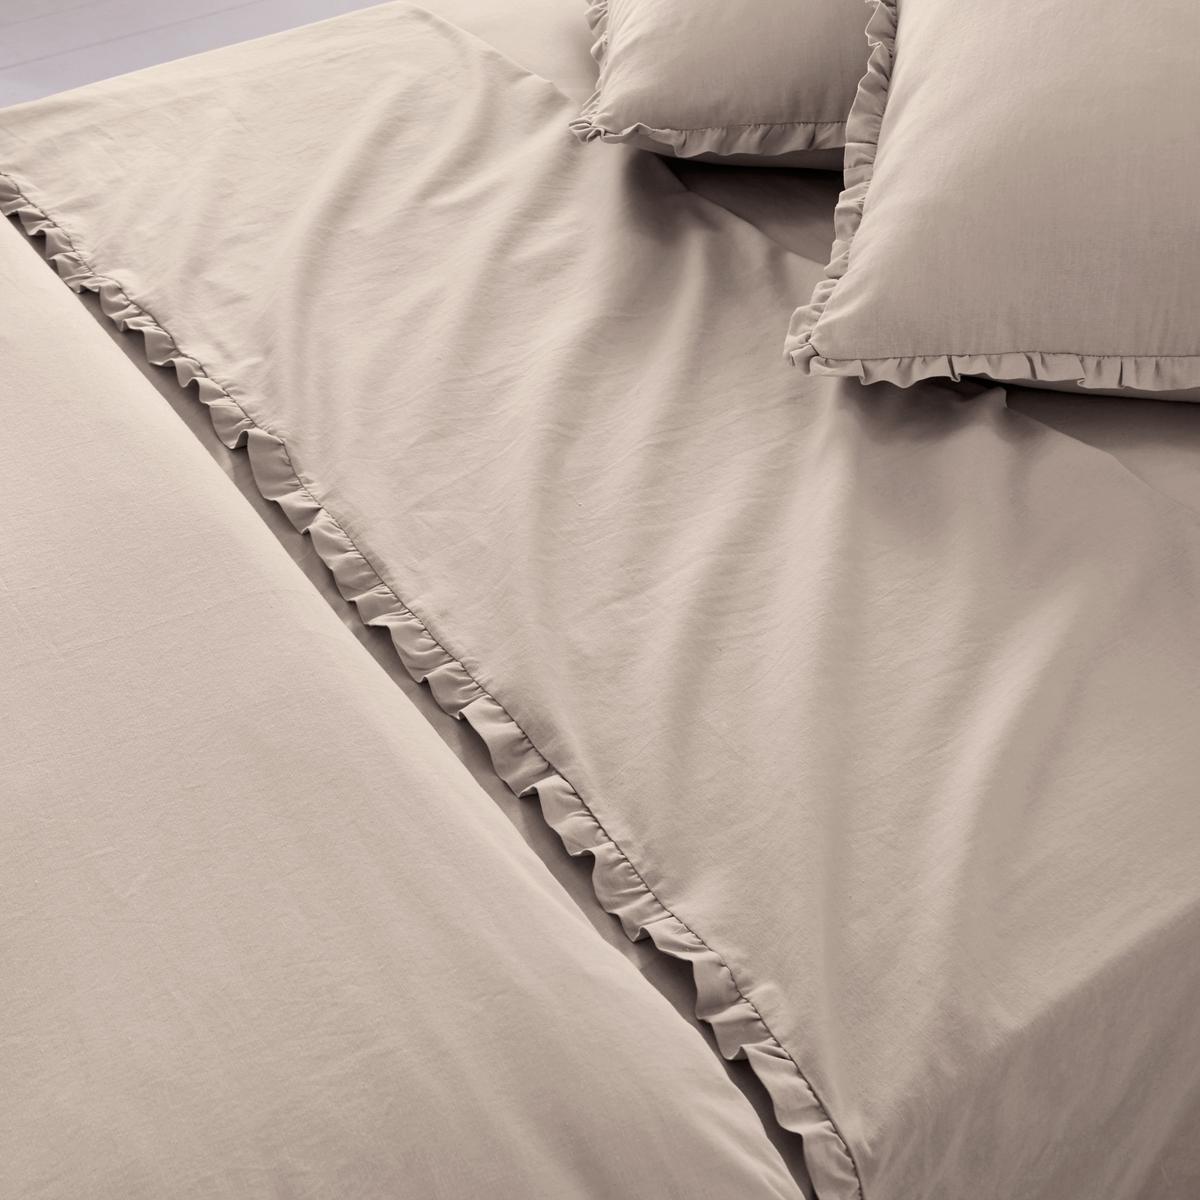 Простыня Ondina, 40% льнаПростыня Ondina из смесовой ткани для изысканной спальни! Описание простыни Ondina :- Смесовая ткань: 60% хлопка, 40% льна, натуральный и прочный материал. Очень мягкая и приятная ткань..Стирка при 60°.- Отделка двойным воланом, складки.Размеры:180 x 290 см: 1-сп. 240 x 290 см: 2-сп. 270 x 290 см: 2-сп.<br><br>Цвет: антрацит,белый,светло-бежевый,серо-фиалковый<br>Размер: 270 x 290  см.180 x 290  см